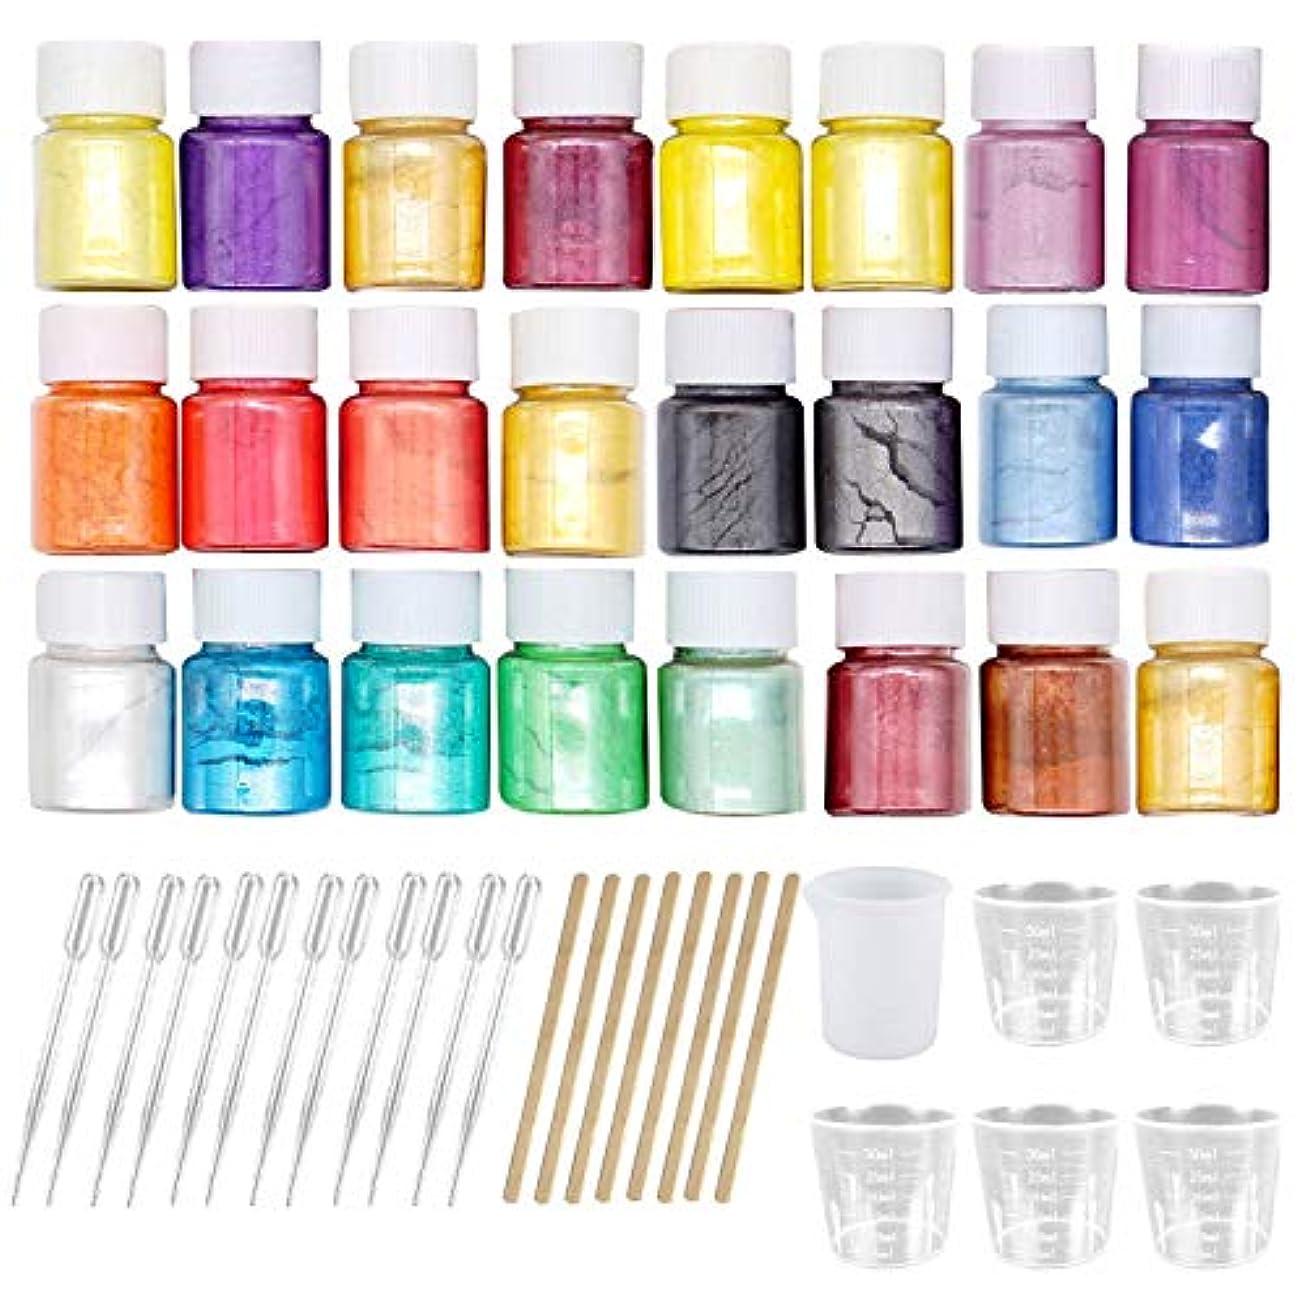 忌み嫌う請うドラッグマイカパウダー Migavan マイカパールパウダー 24色着色剤顔料マイカパールパウダー+ 8ピース木製ロッド+ 6ピース計量カップ+ 12ピーススポイト用diyクラフトスライム用品ランダムな色